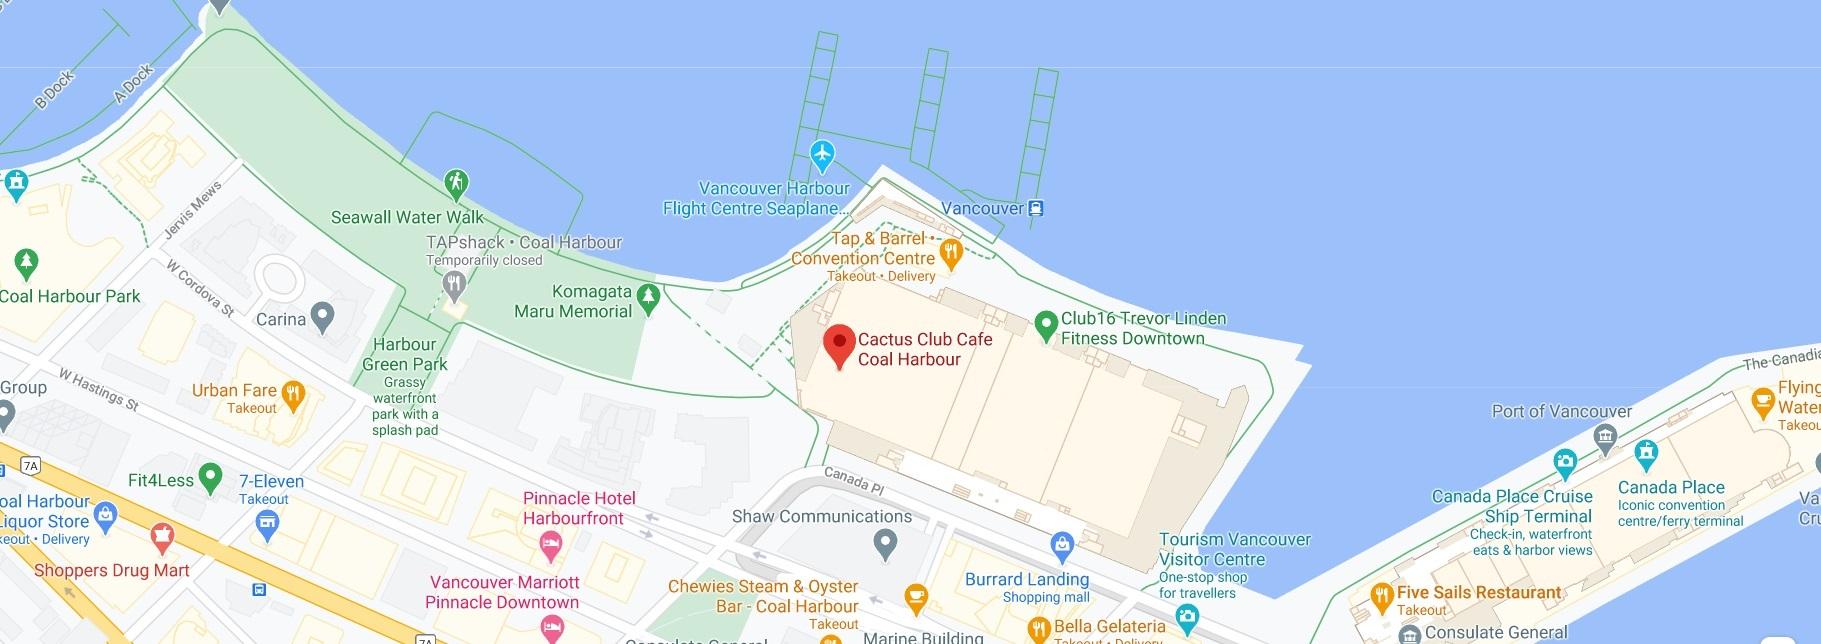 Cactus Club Cafe Coal Harbour